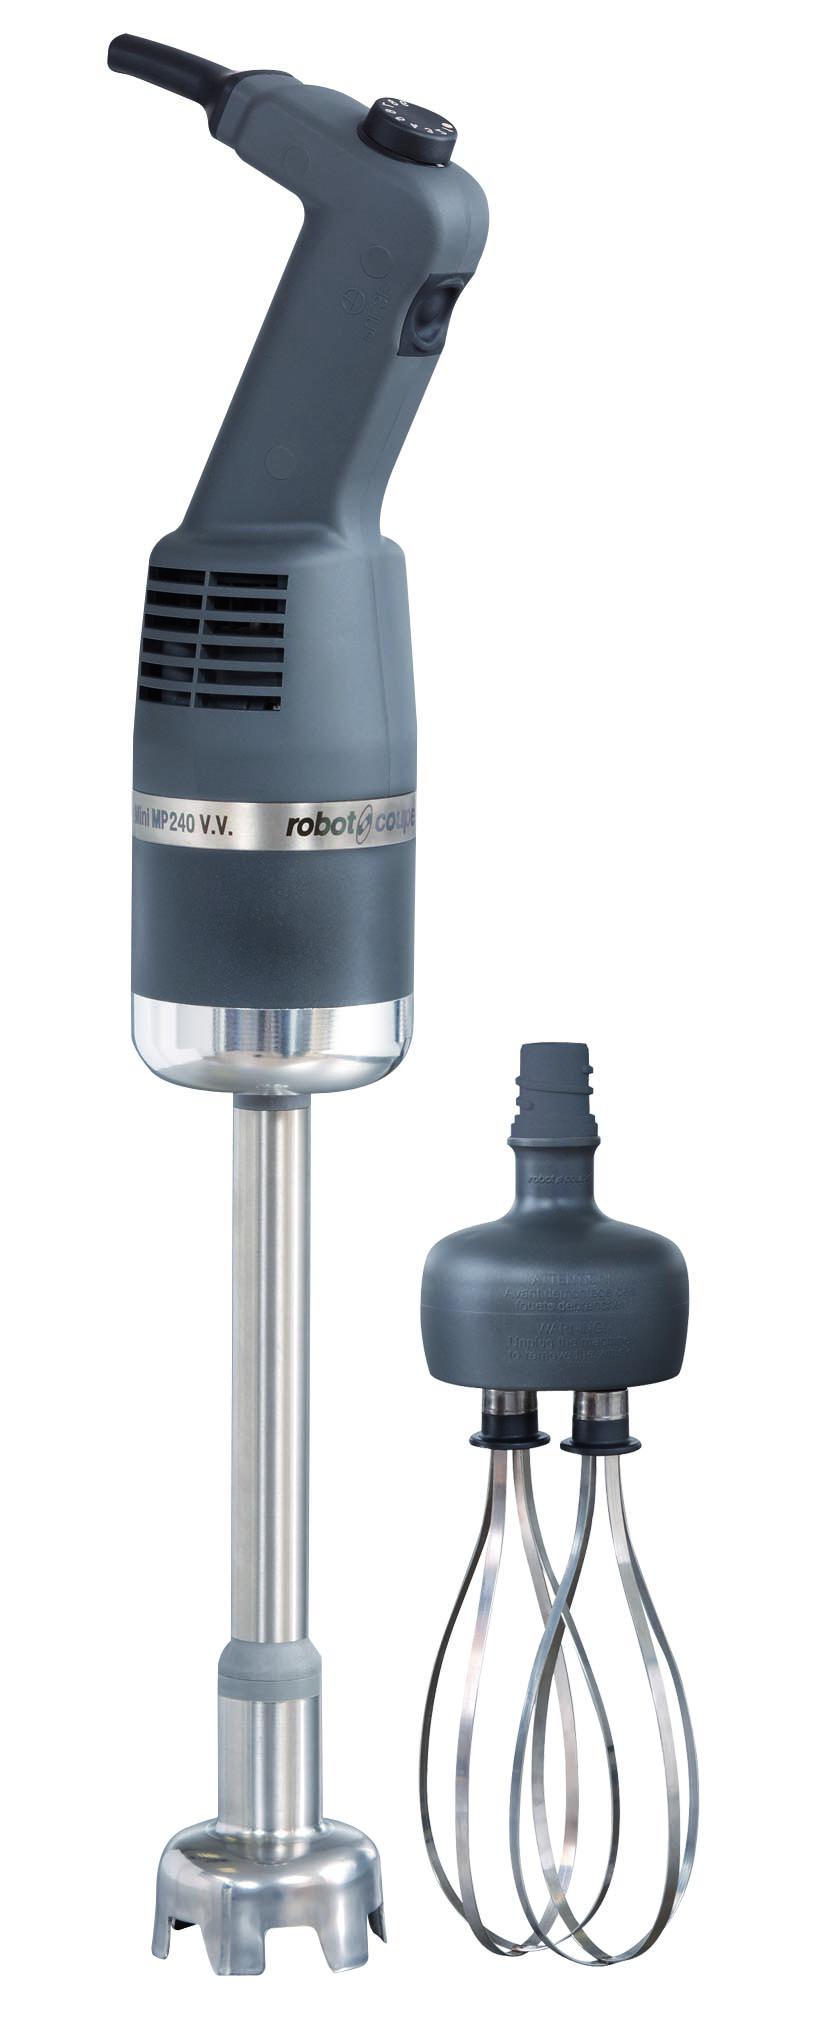 Mini MP 240 V.V.